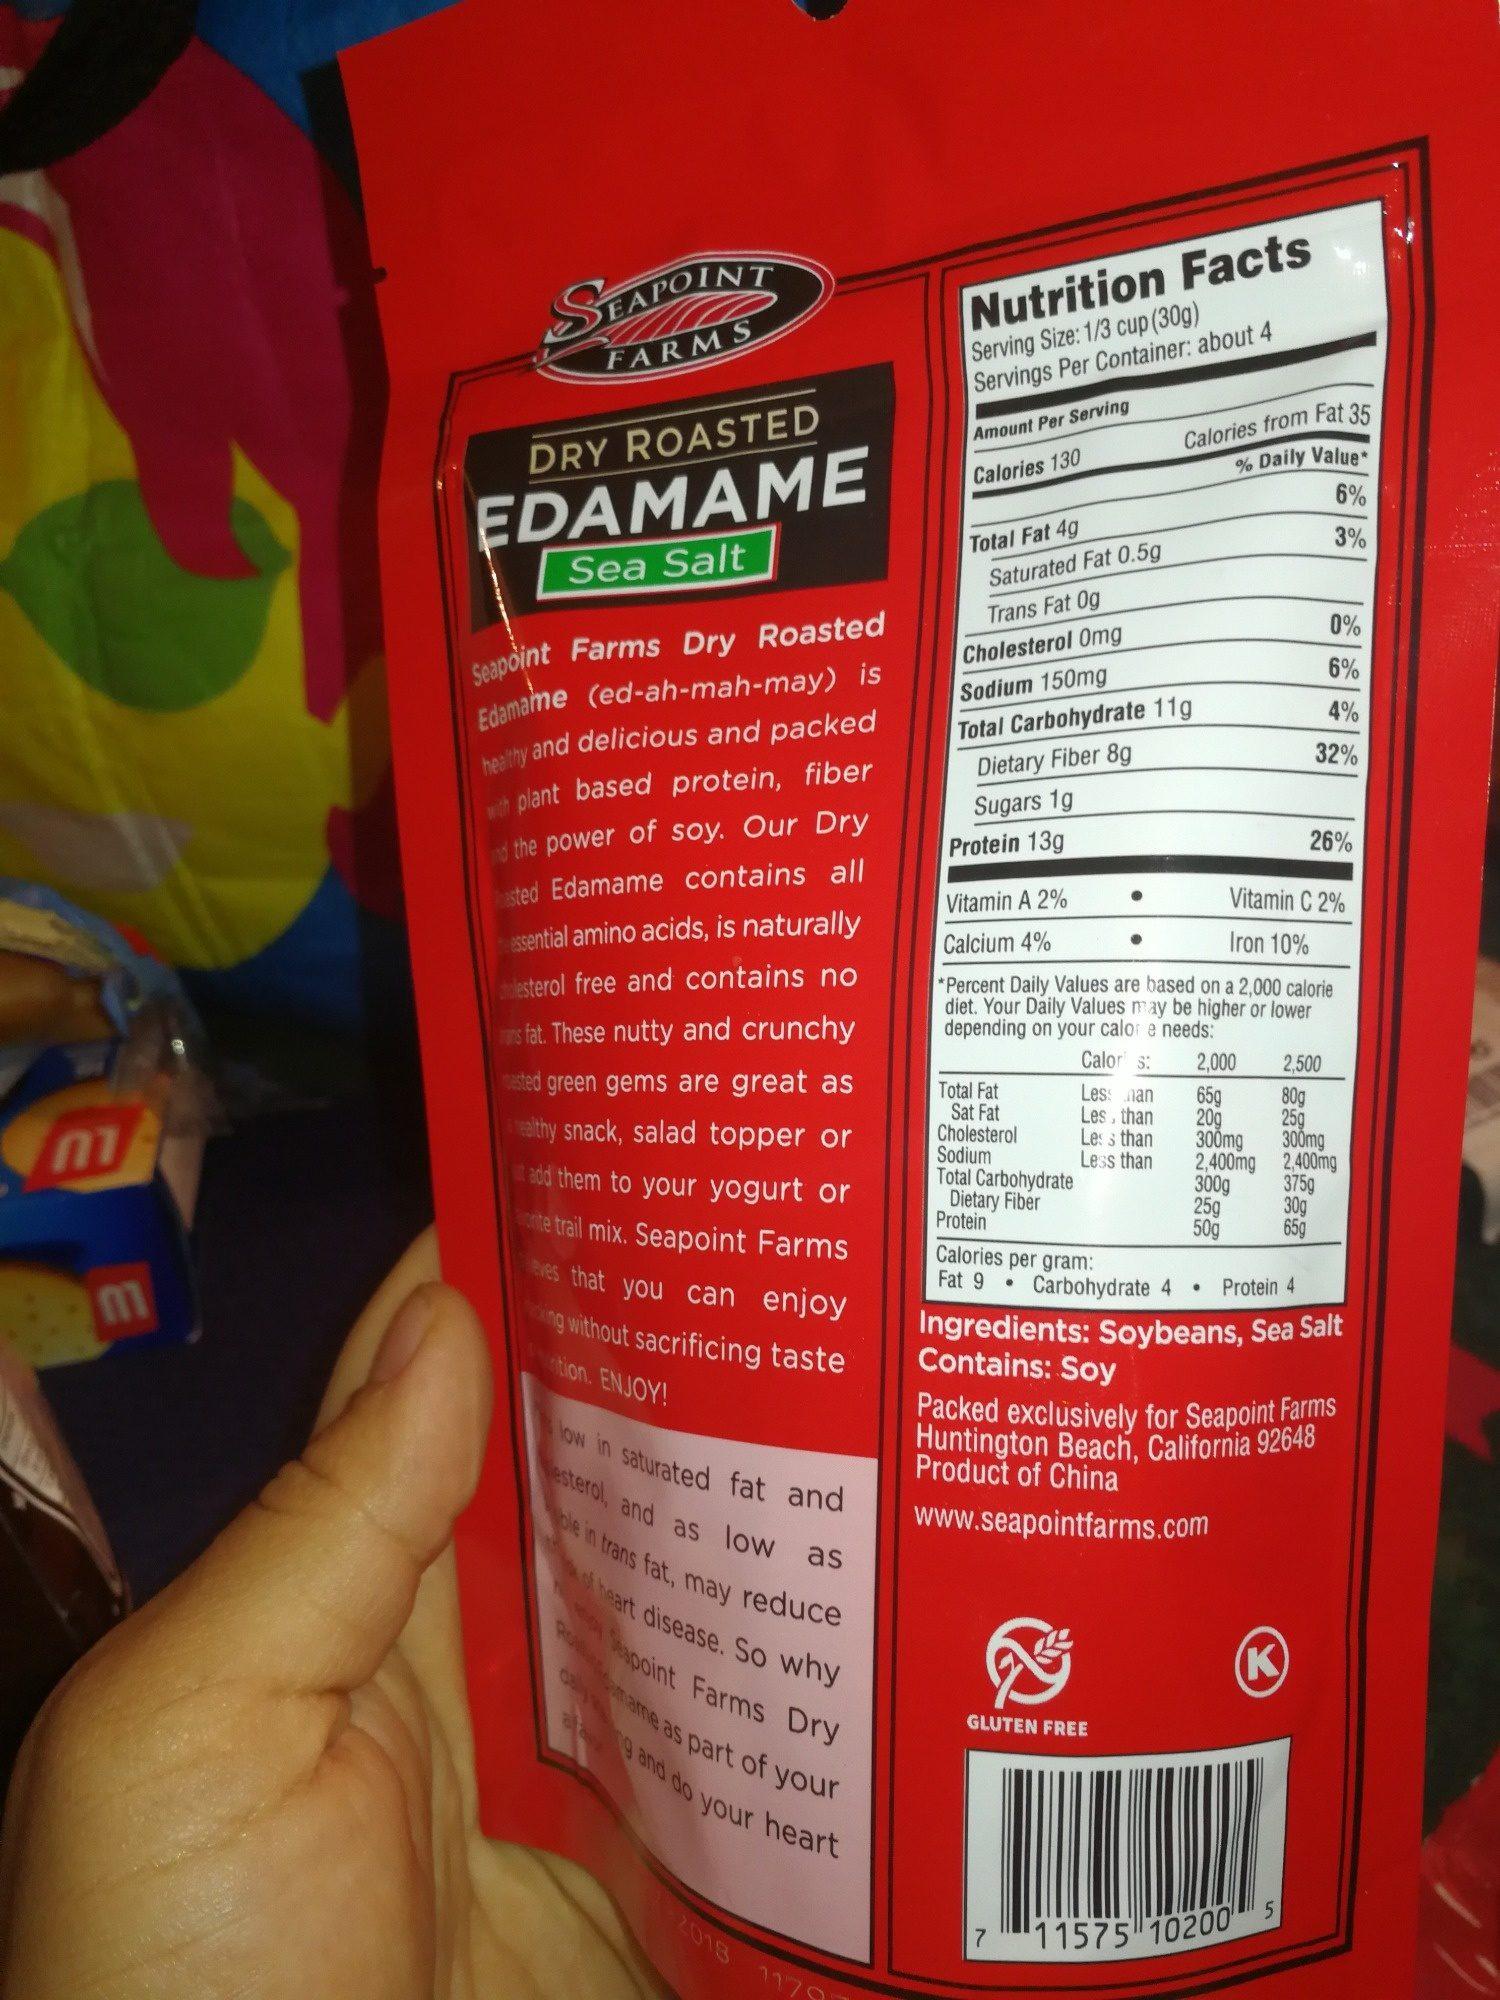 Dry Roasted Edamame Sea Salt - Product